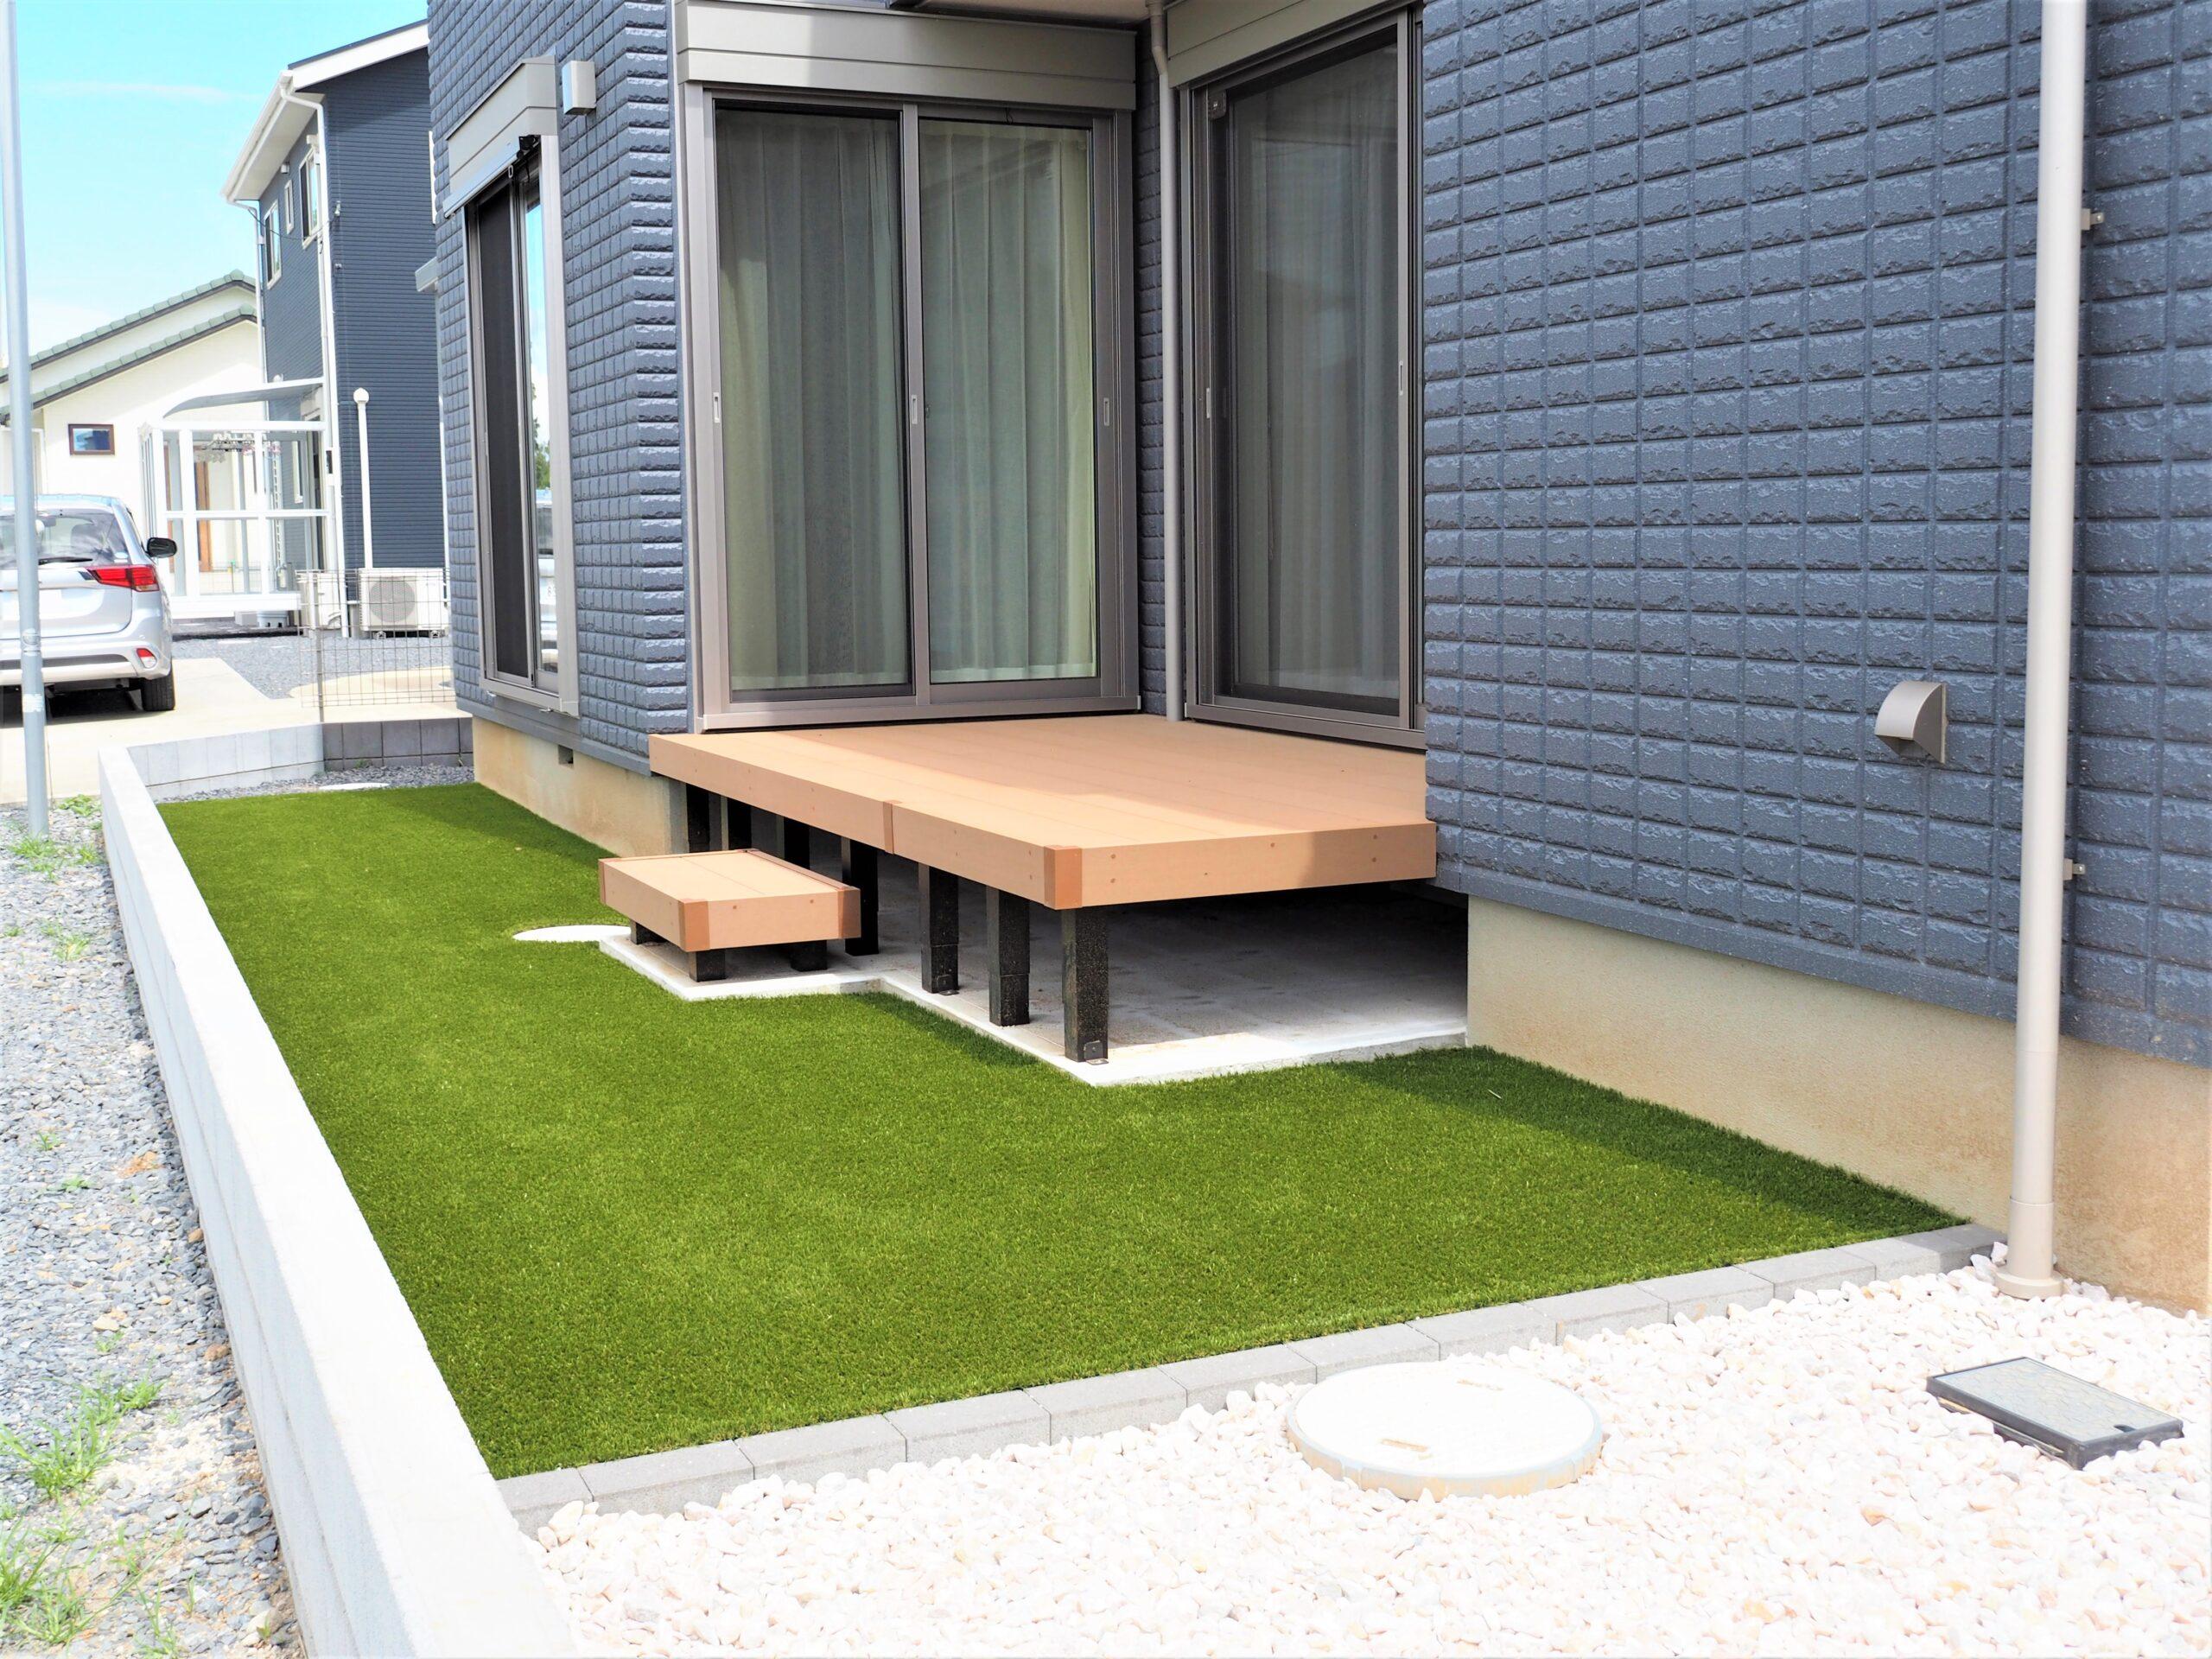 牛久市・T様邸、人工芝と化粧砂利の敷設工事を行いました!